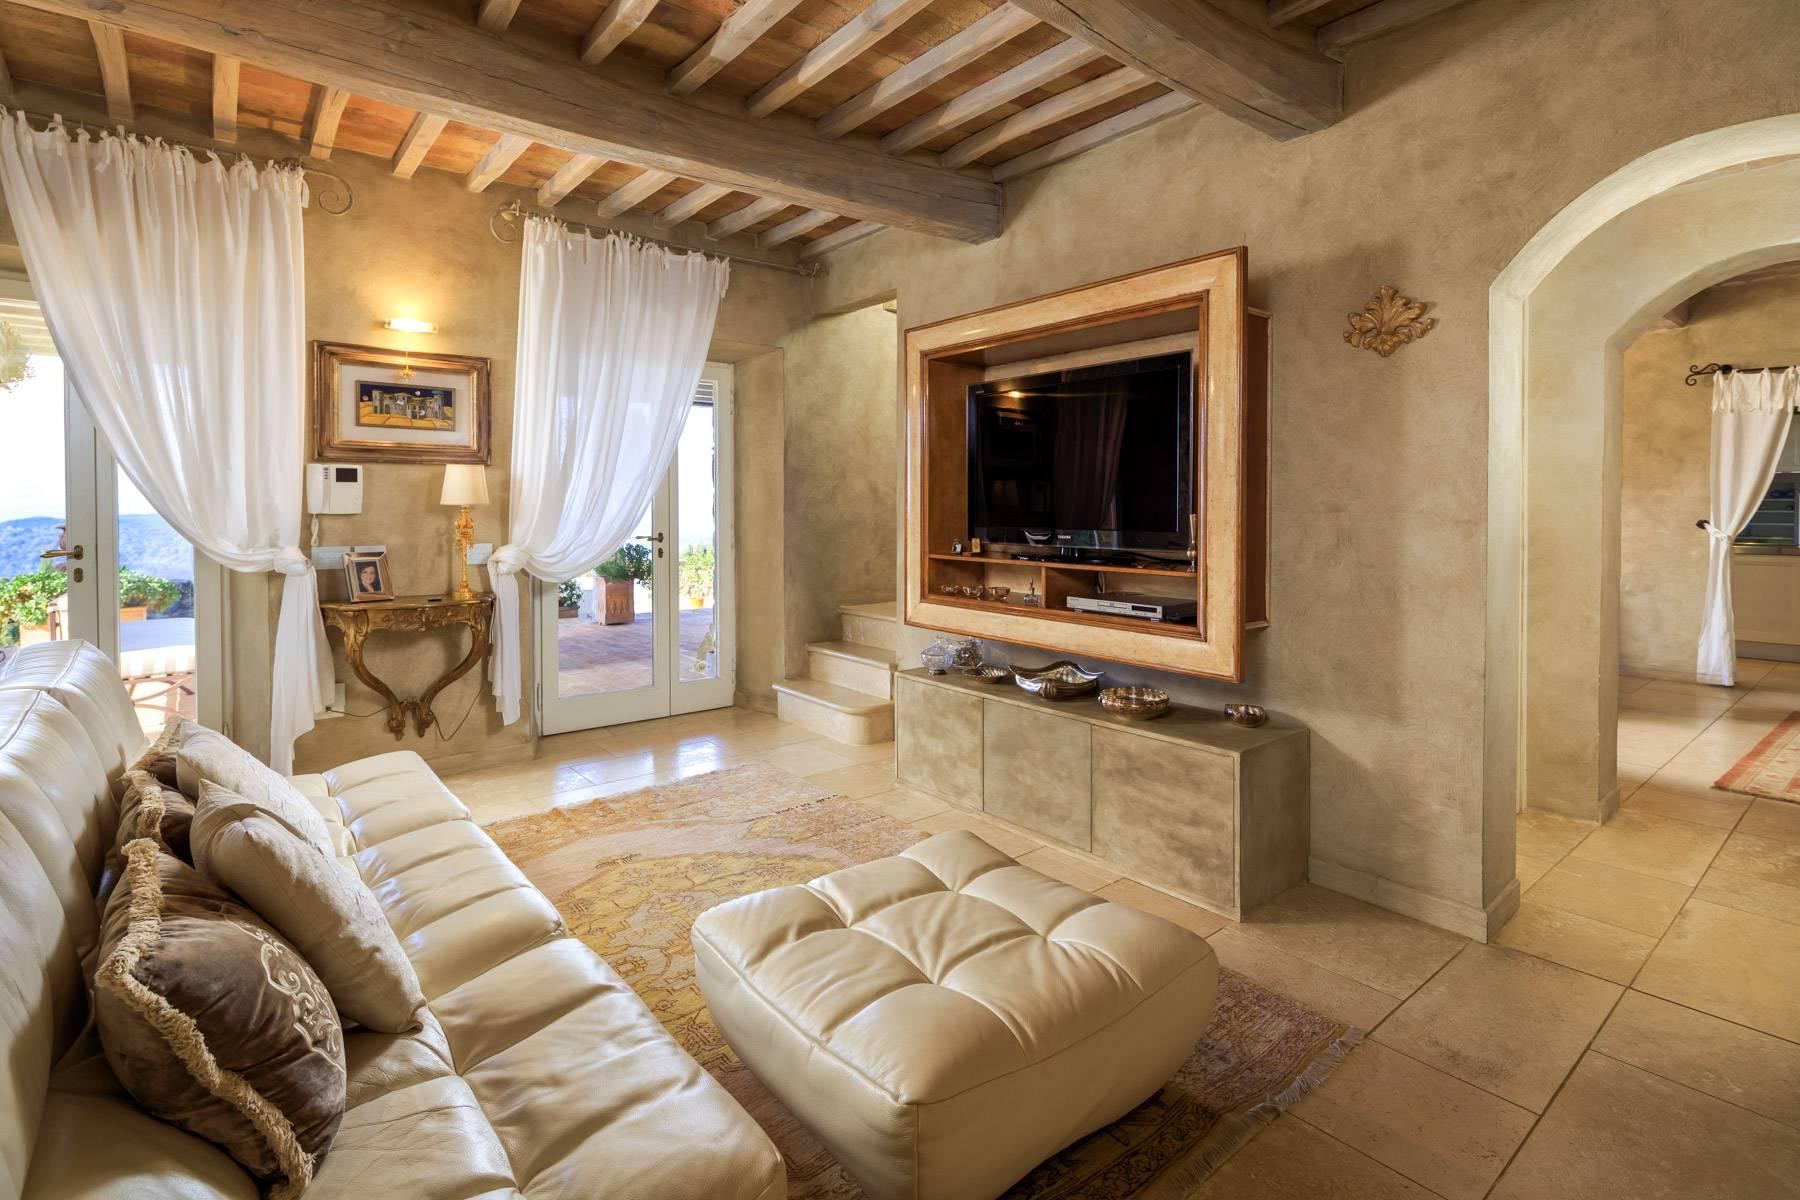 Rustico in Vendita a Montalcino: 5 locali, 300 mq - Foto 17